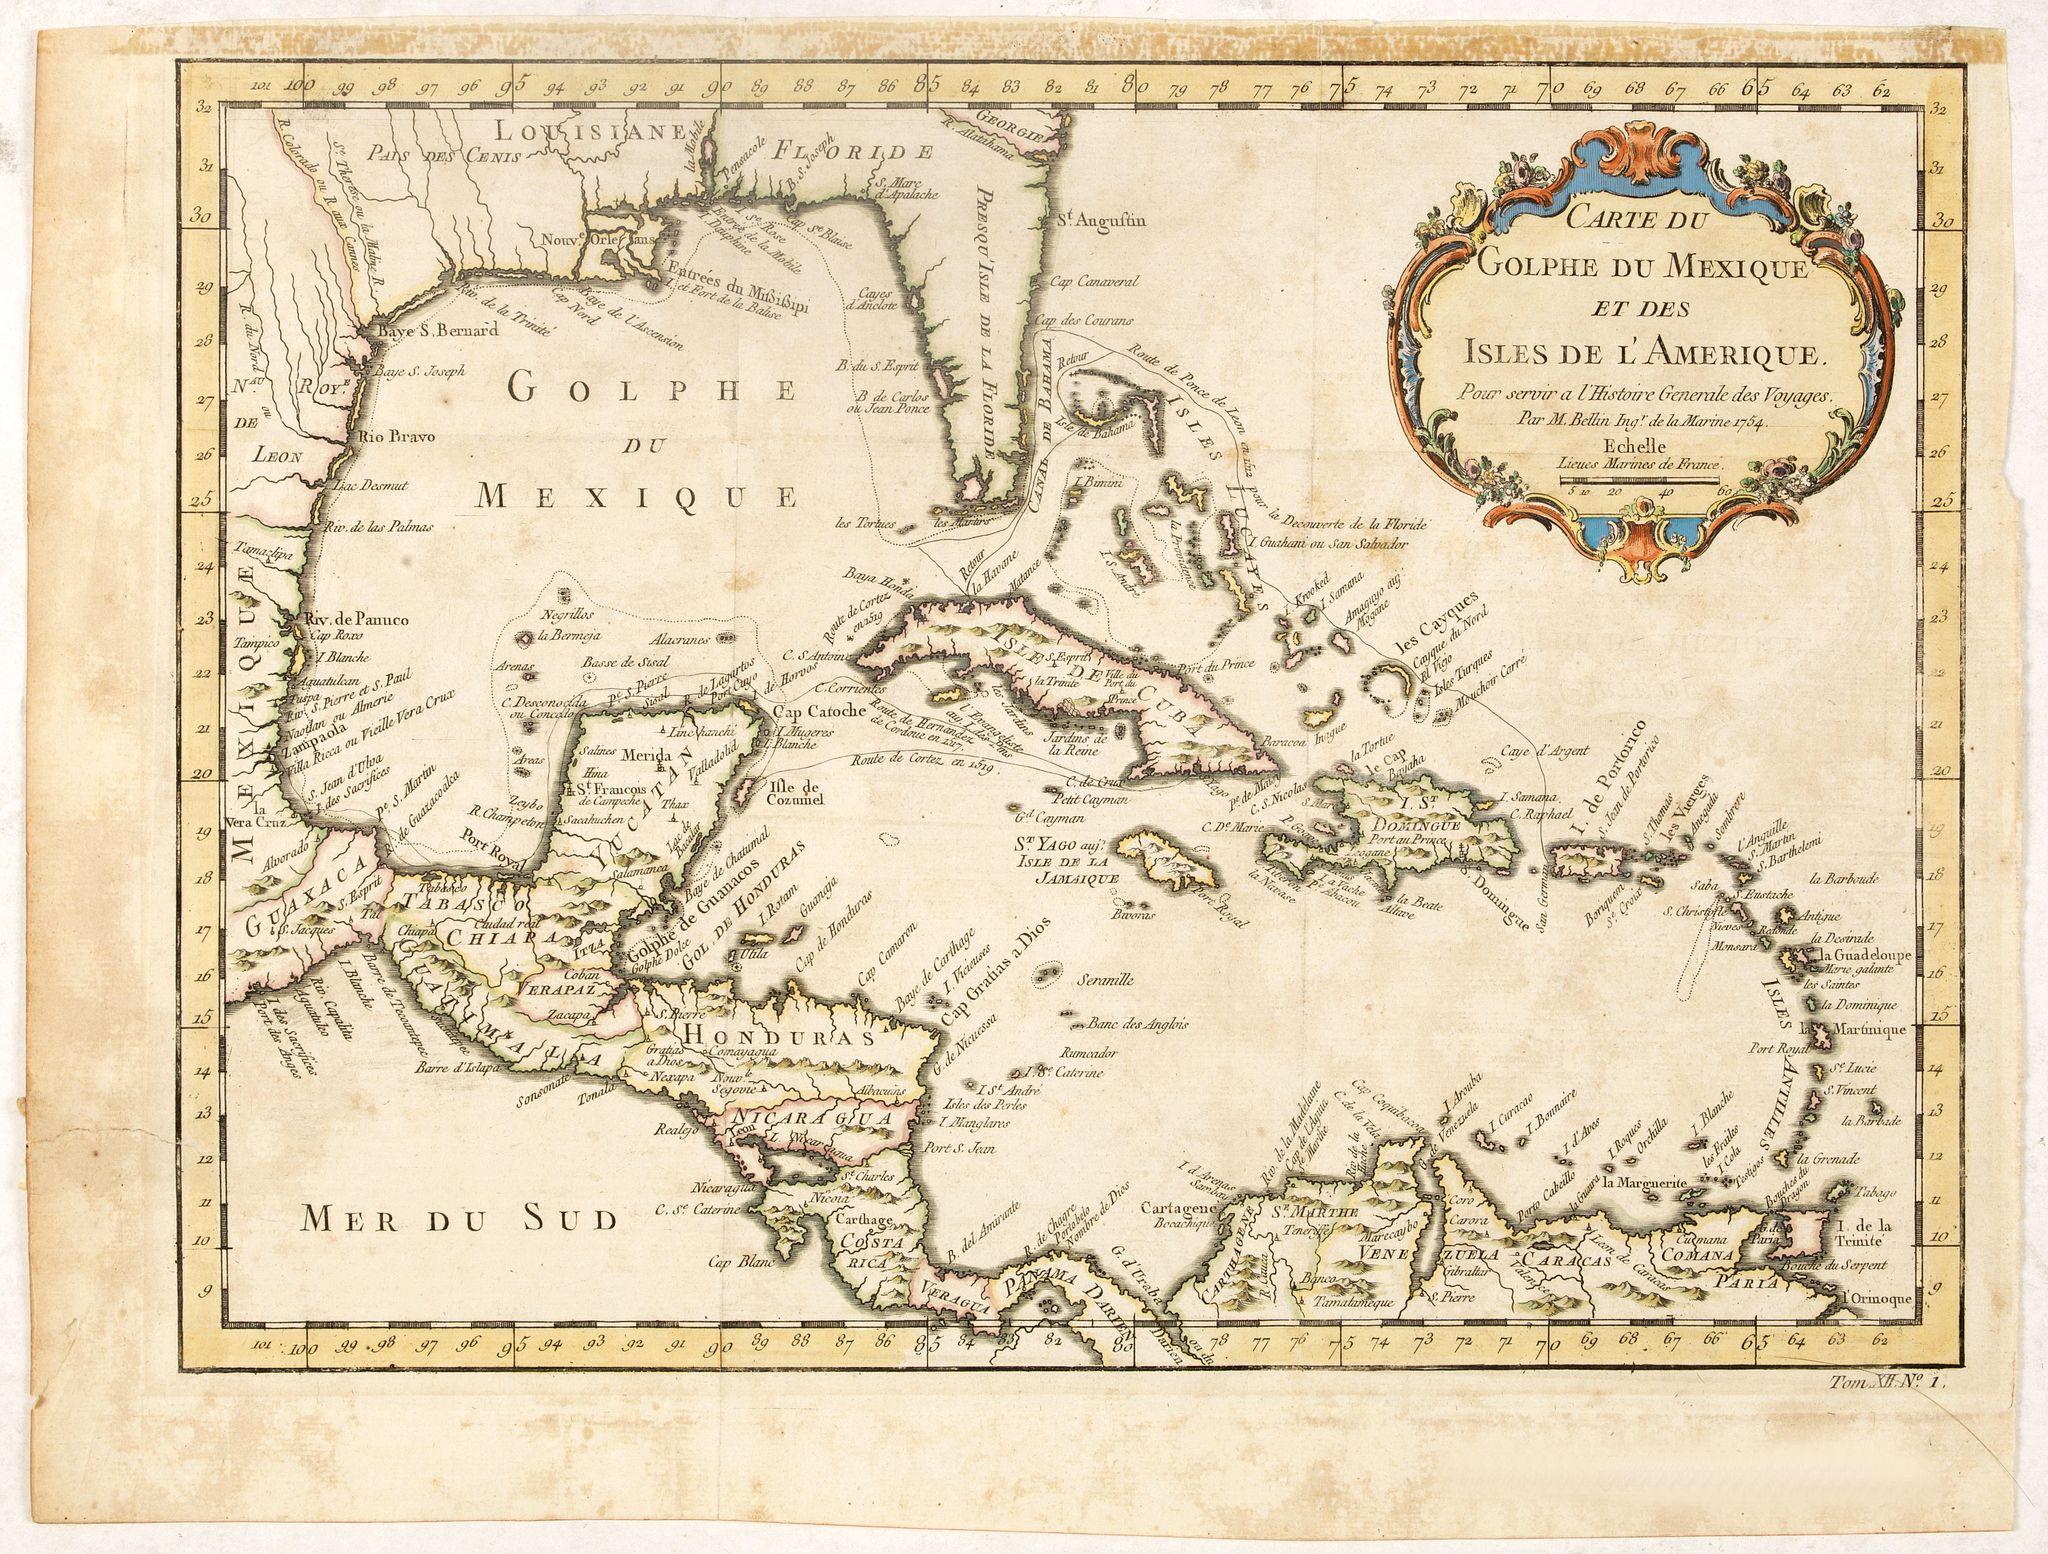 BELLIN, J.N. -  Carte du Golphe du Mexique et des Isles de l'Amerique.